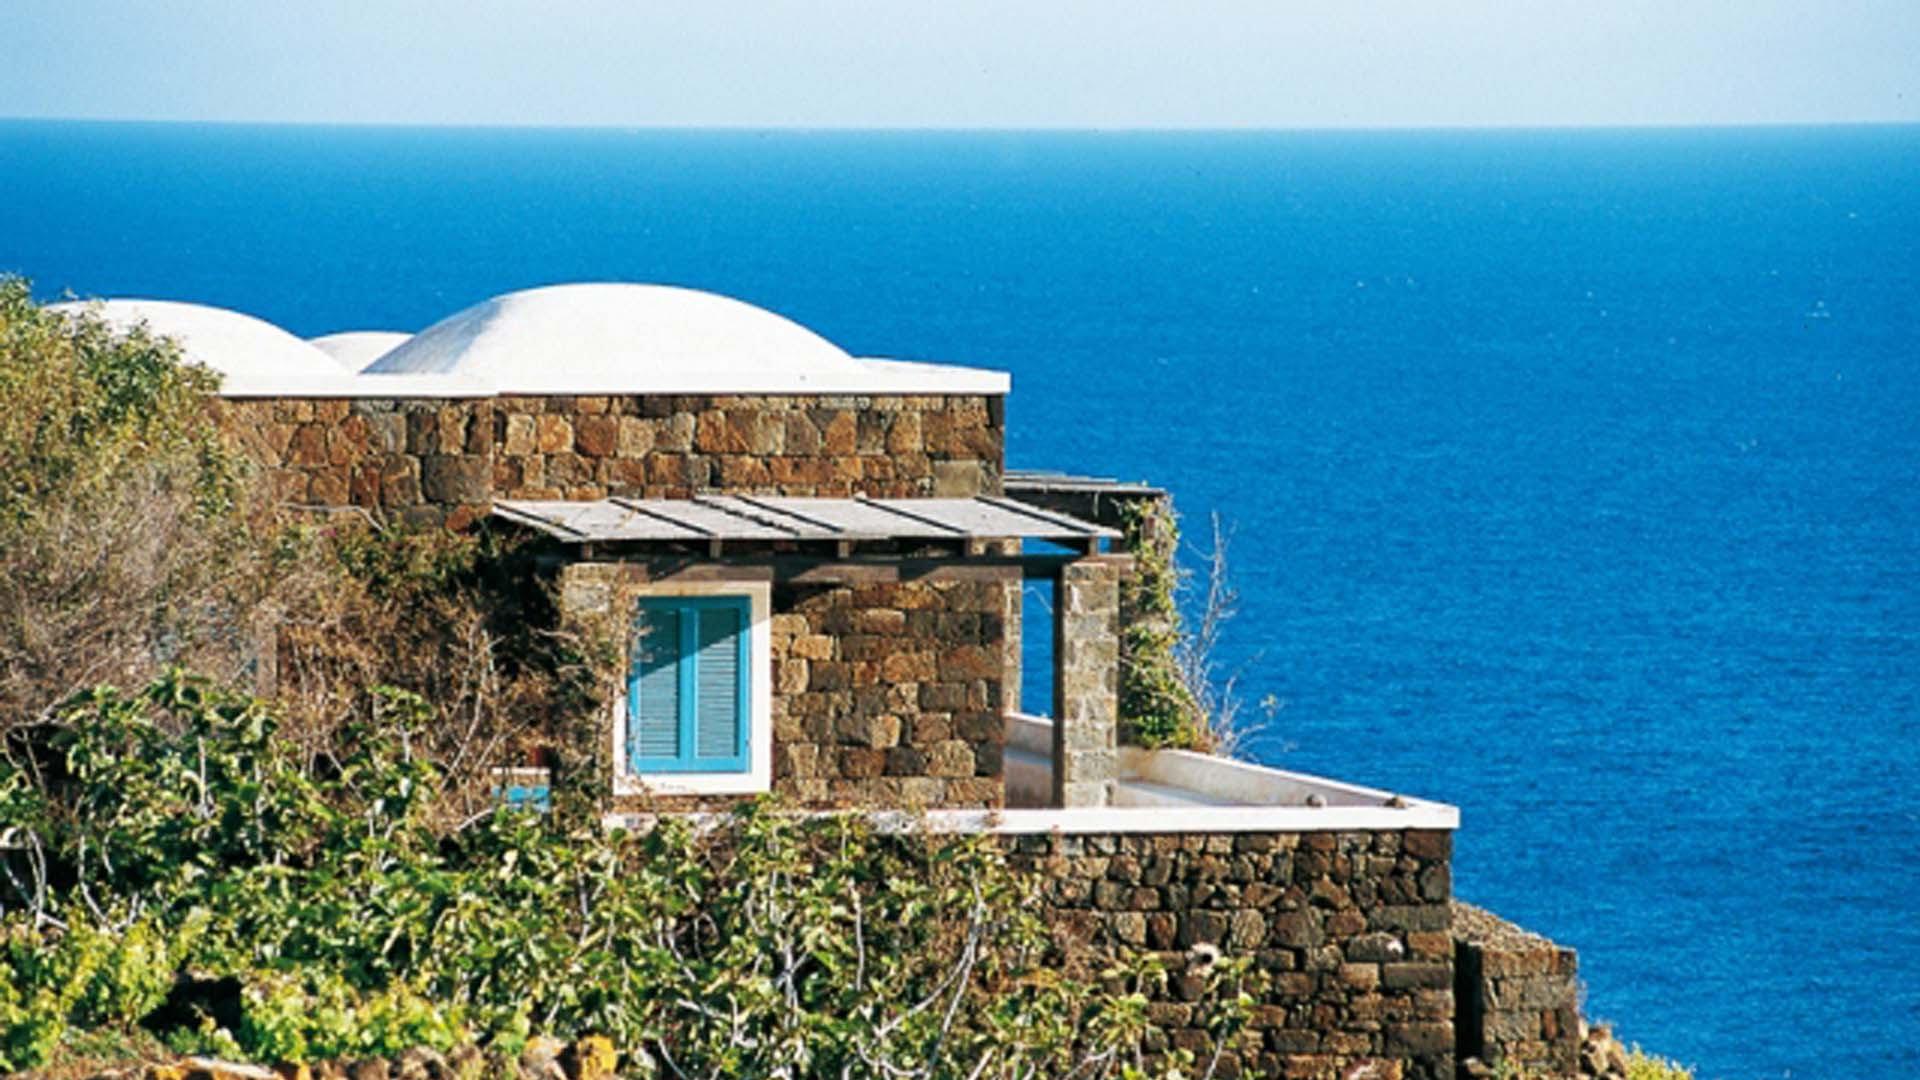 Mare, Pantelleria conquista le 5 vele di Legambiente e Touring